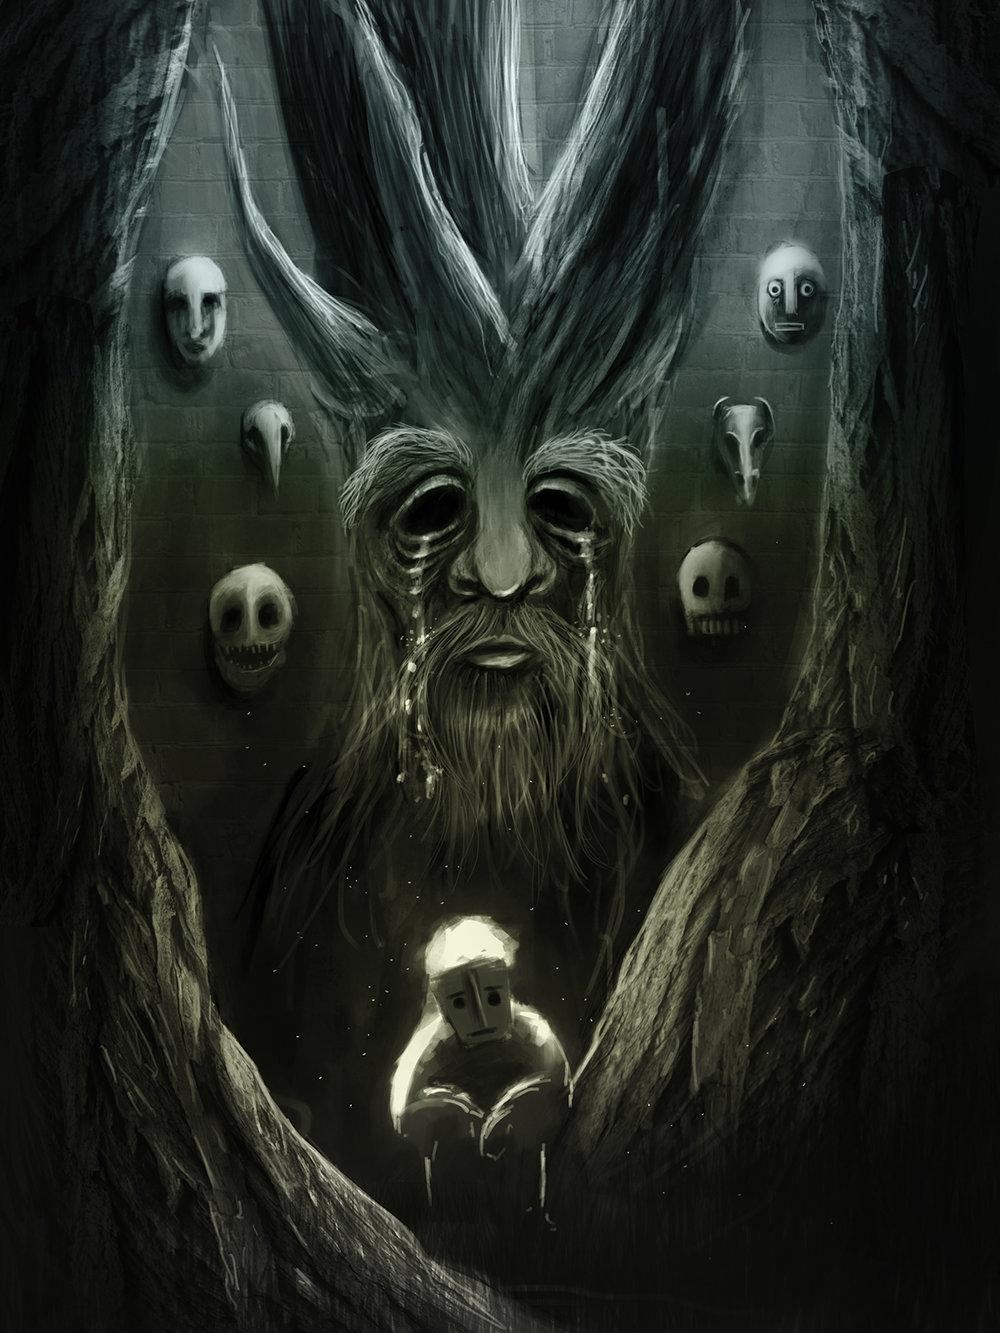 El Lamento de los Arboles - Digital illustration